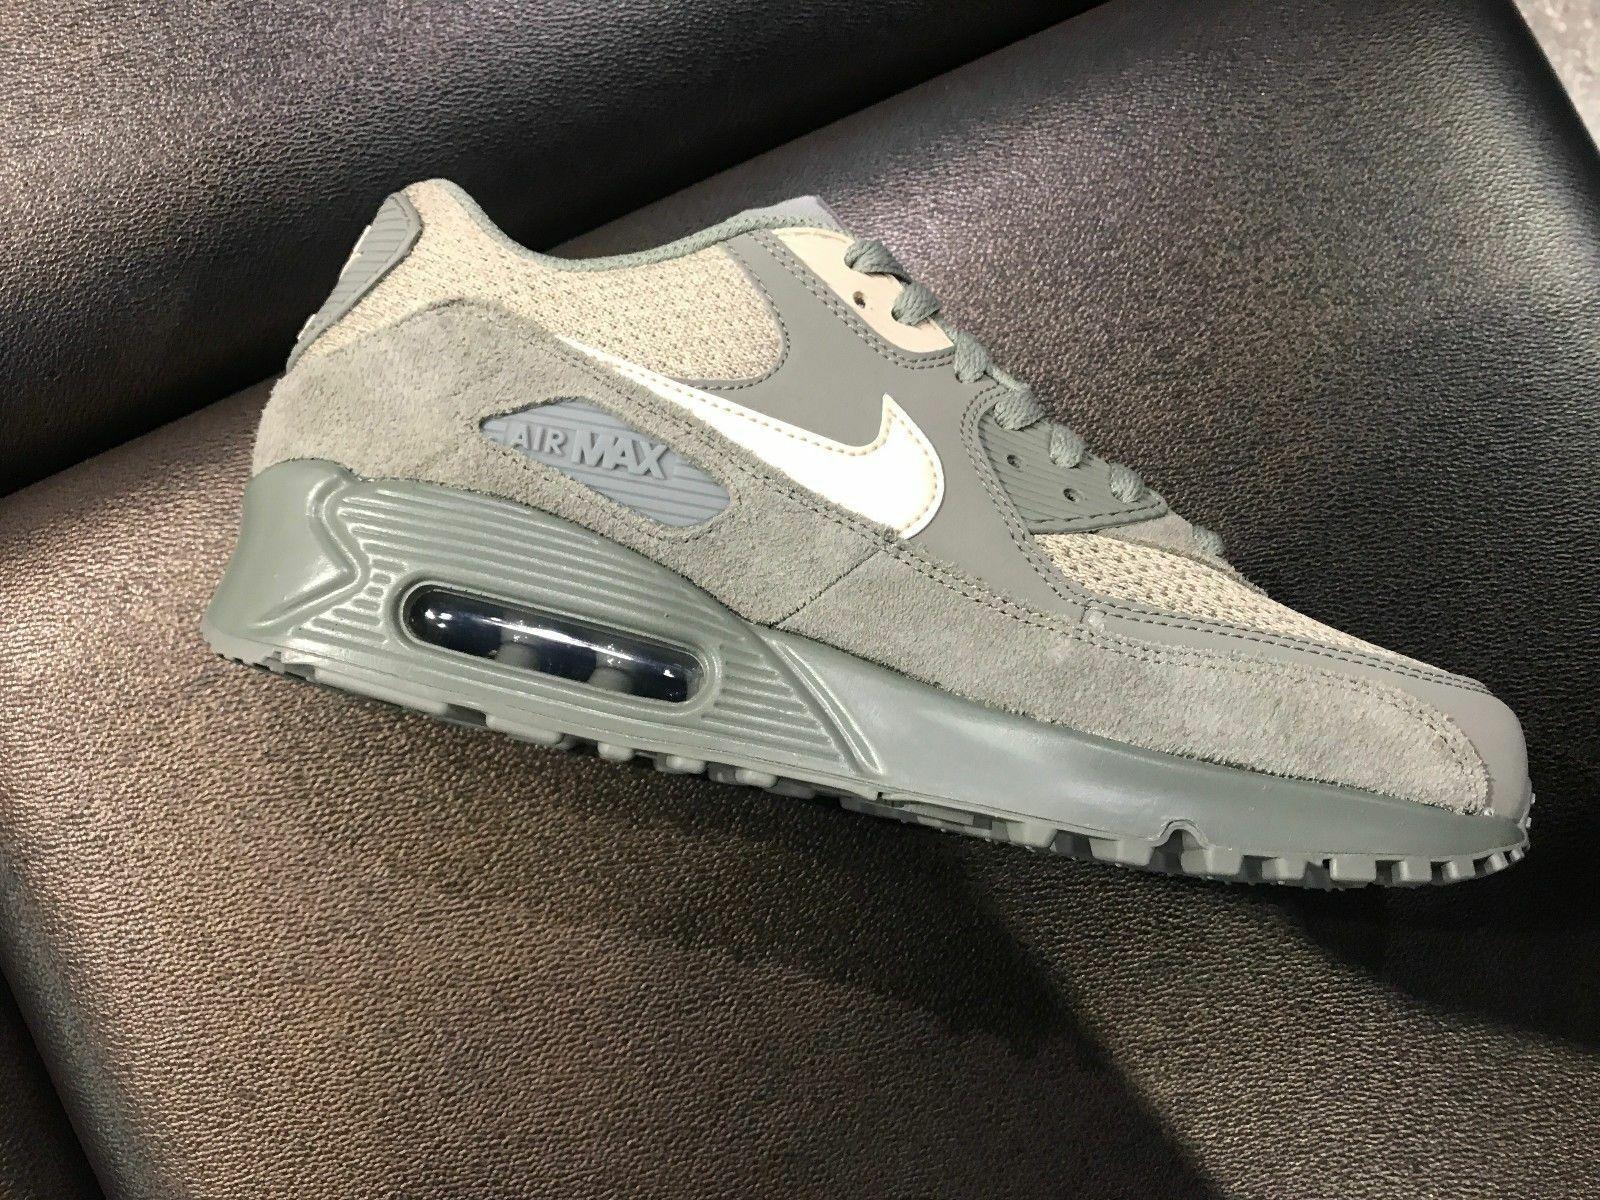 Nike Air Max 90 Premium Sneakers Dark Stucco   Mushroom 537384-096 New in Box 8